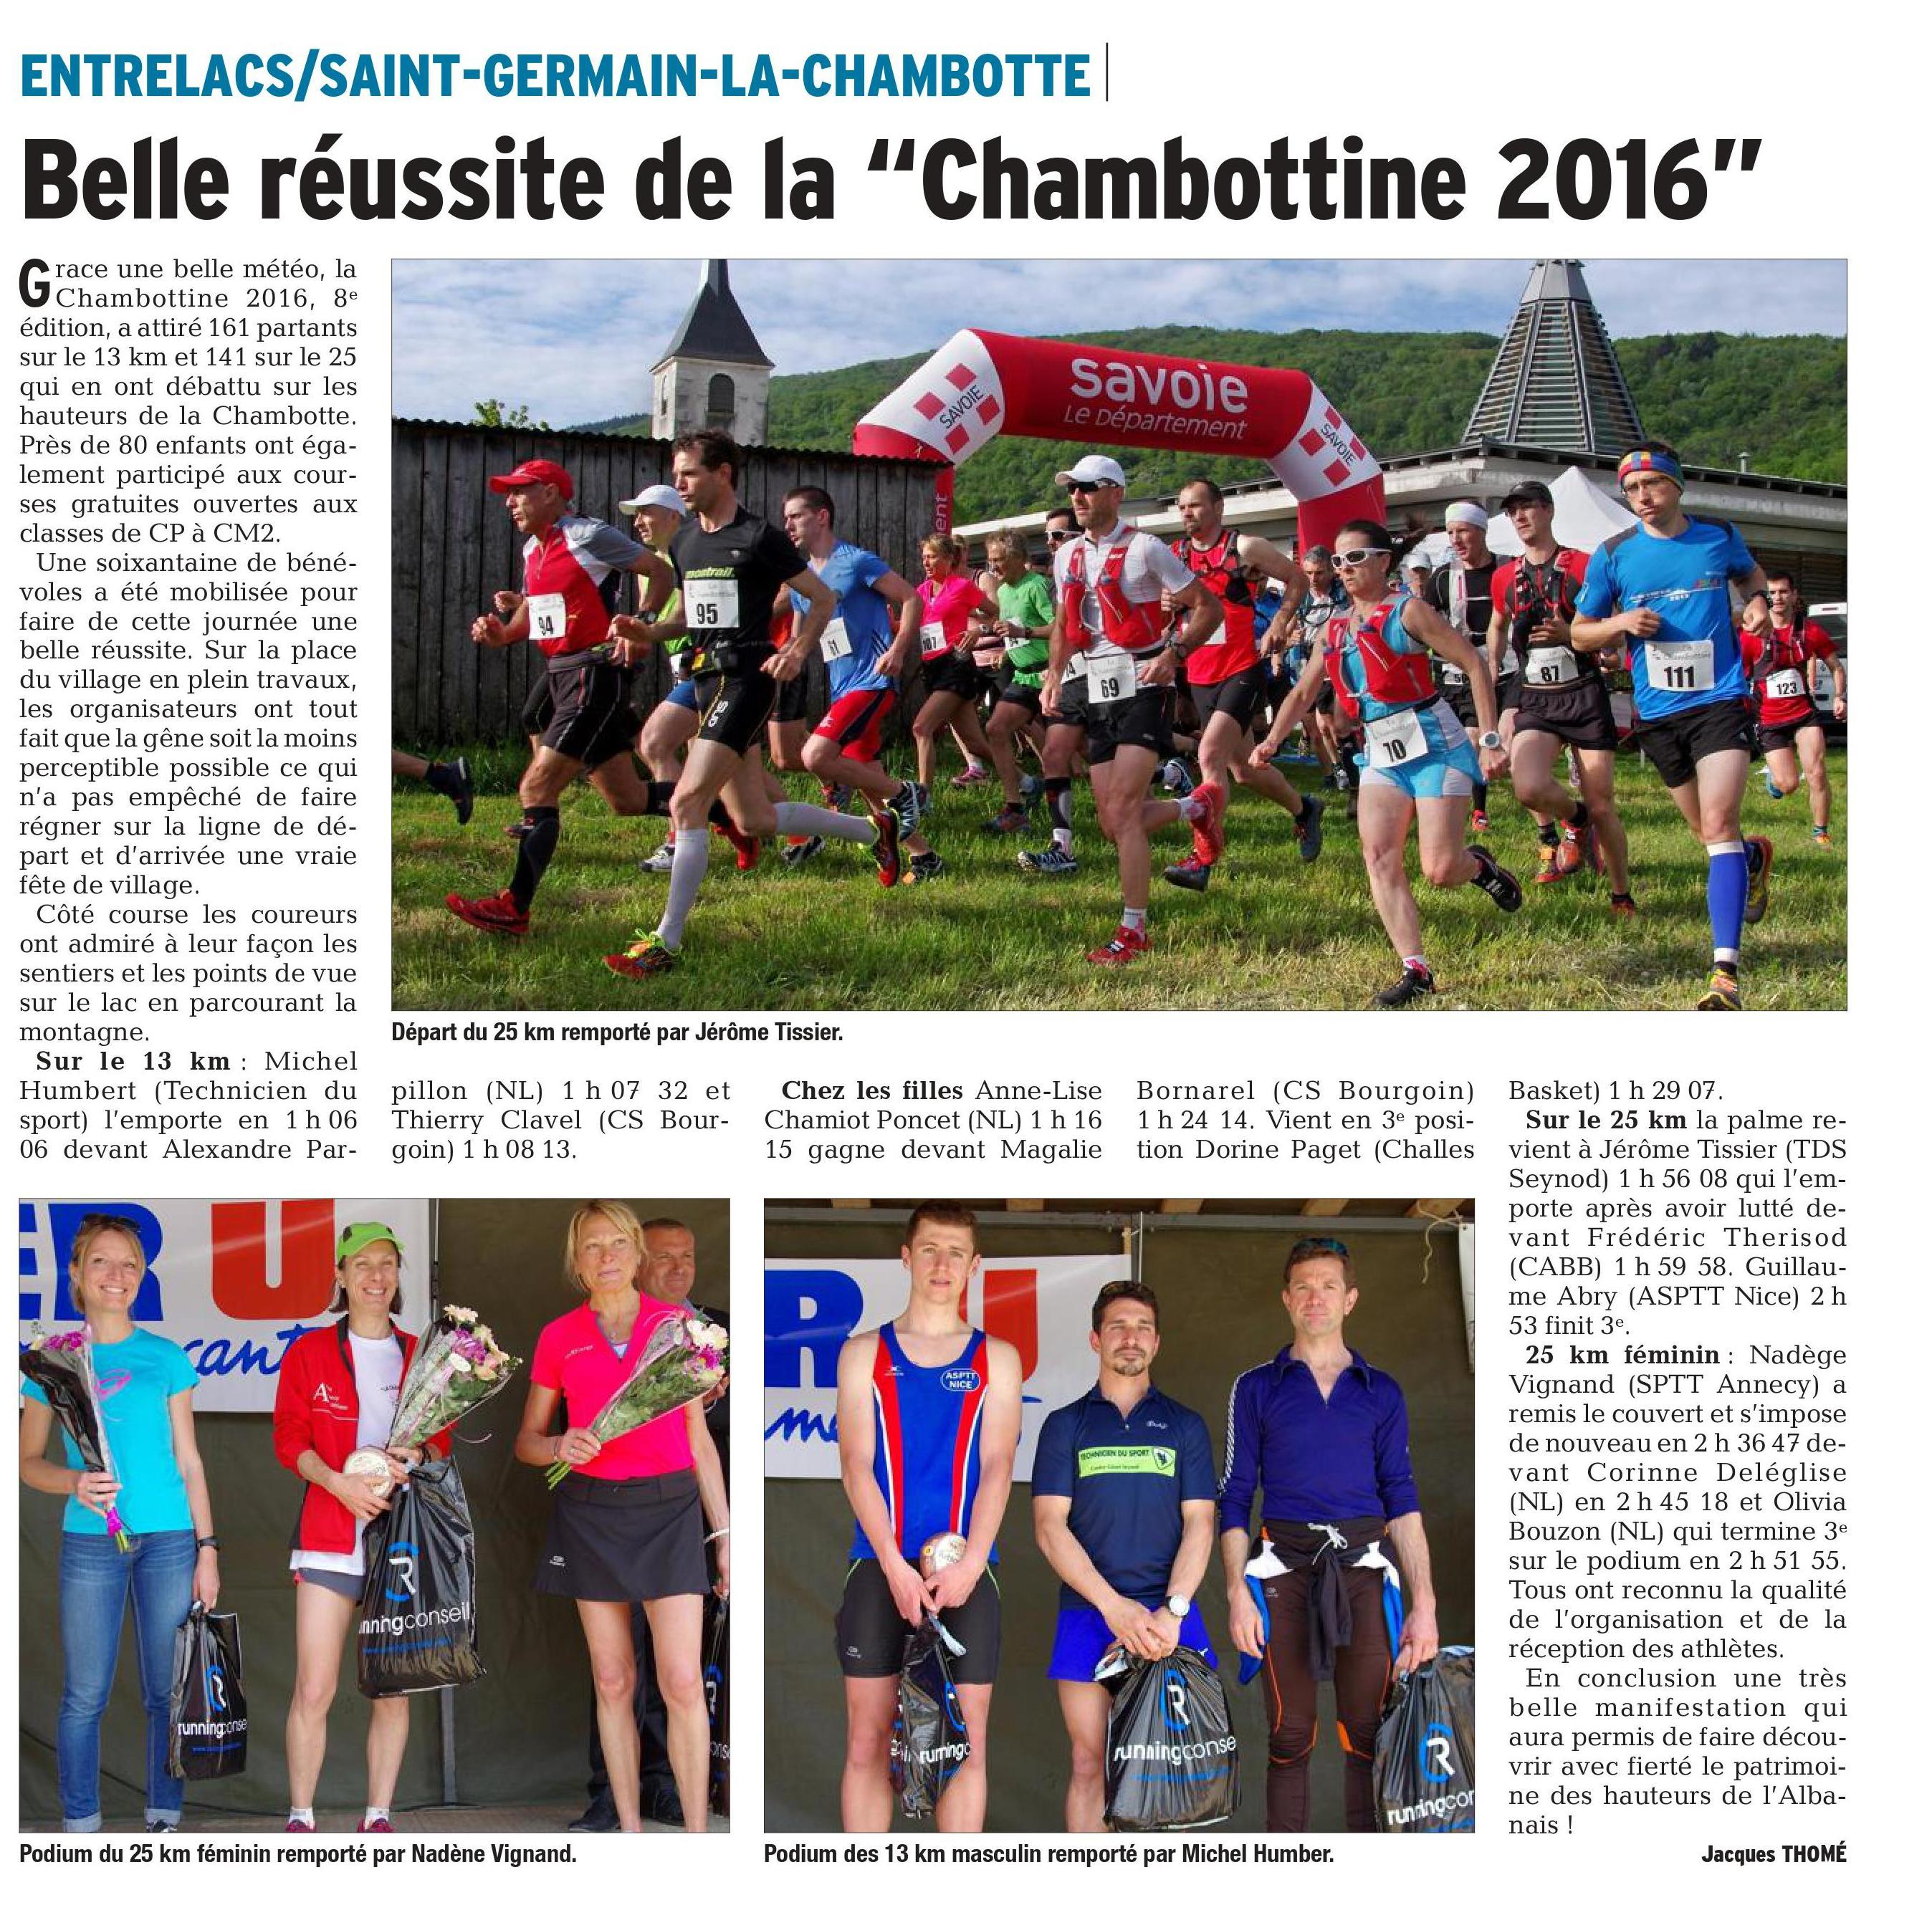 0001 1 - RESULTATS, COMPTE RENDU ET PHOTOS DE LA CHAMBOTTINE / 08-05-16